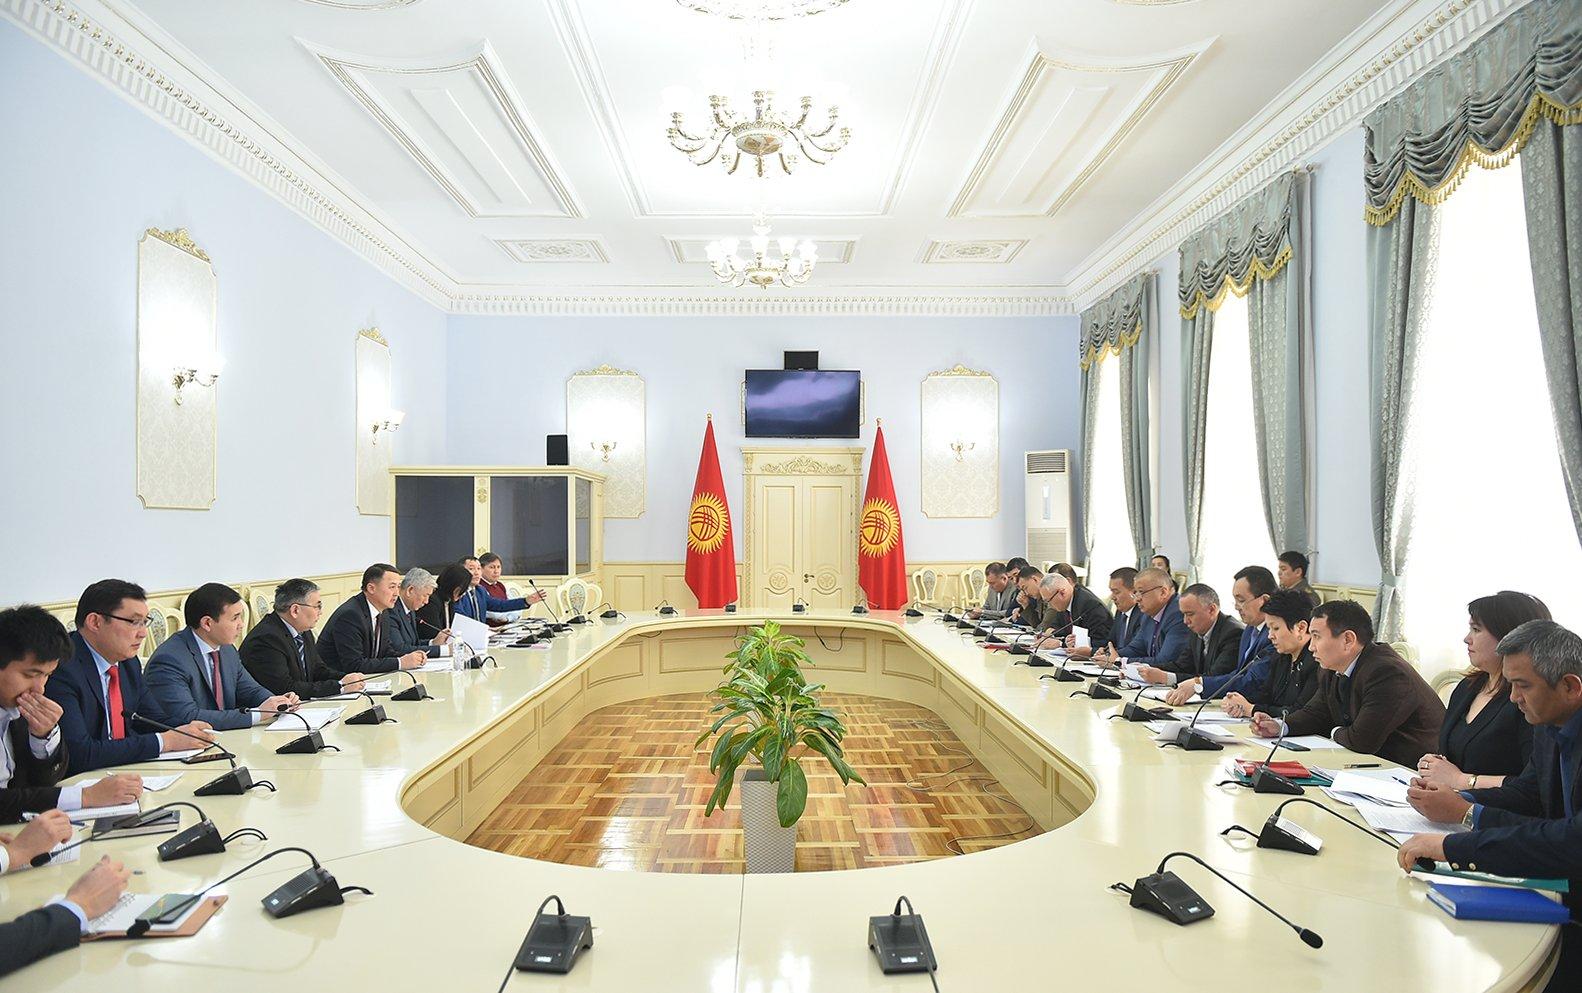 Правительство Киргизии будет пресекать попытки провоза контрабандных товаров в страну